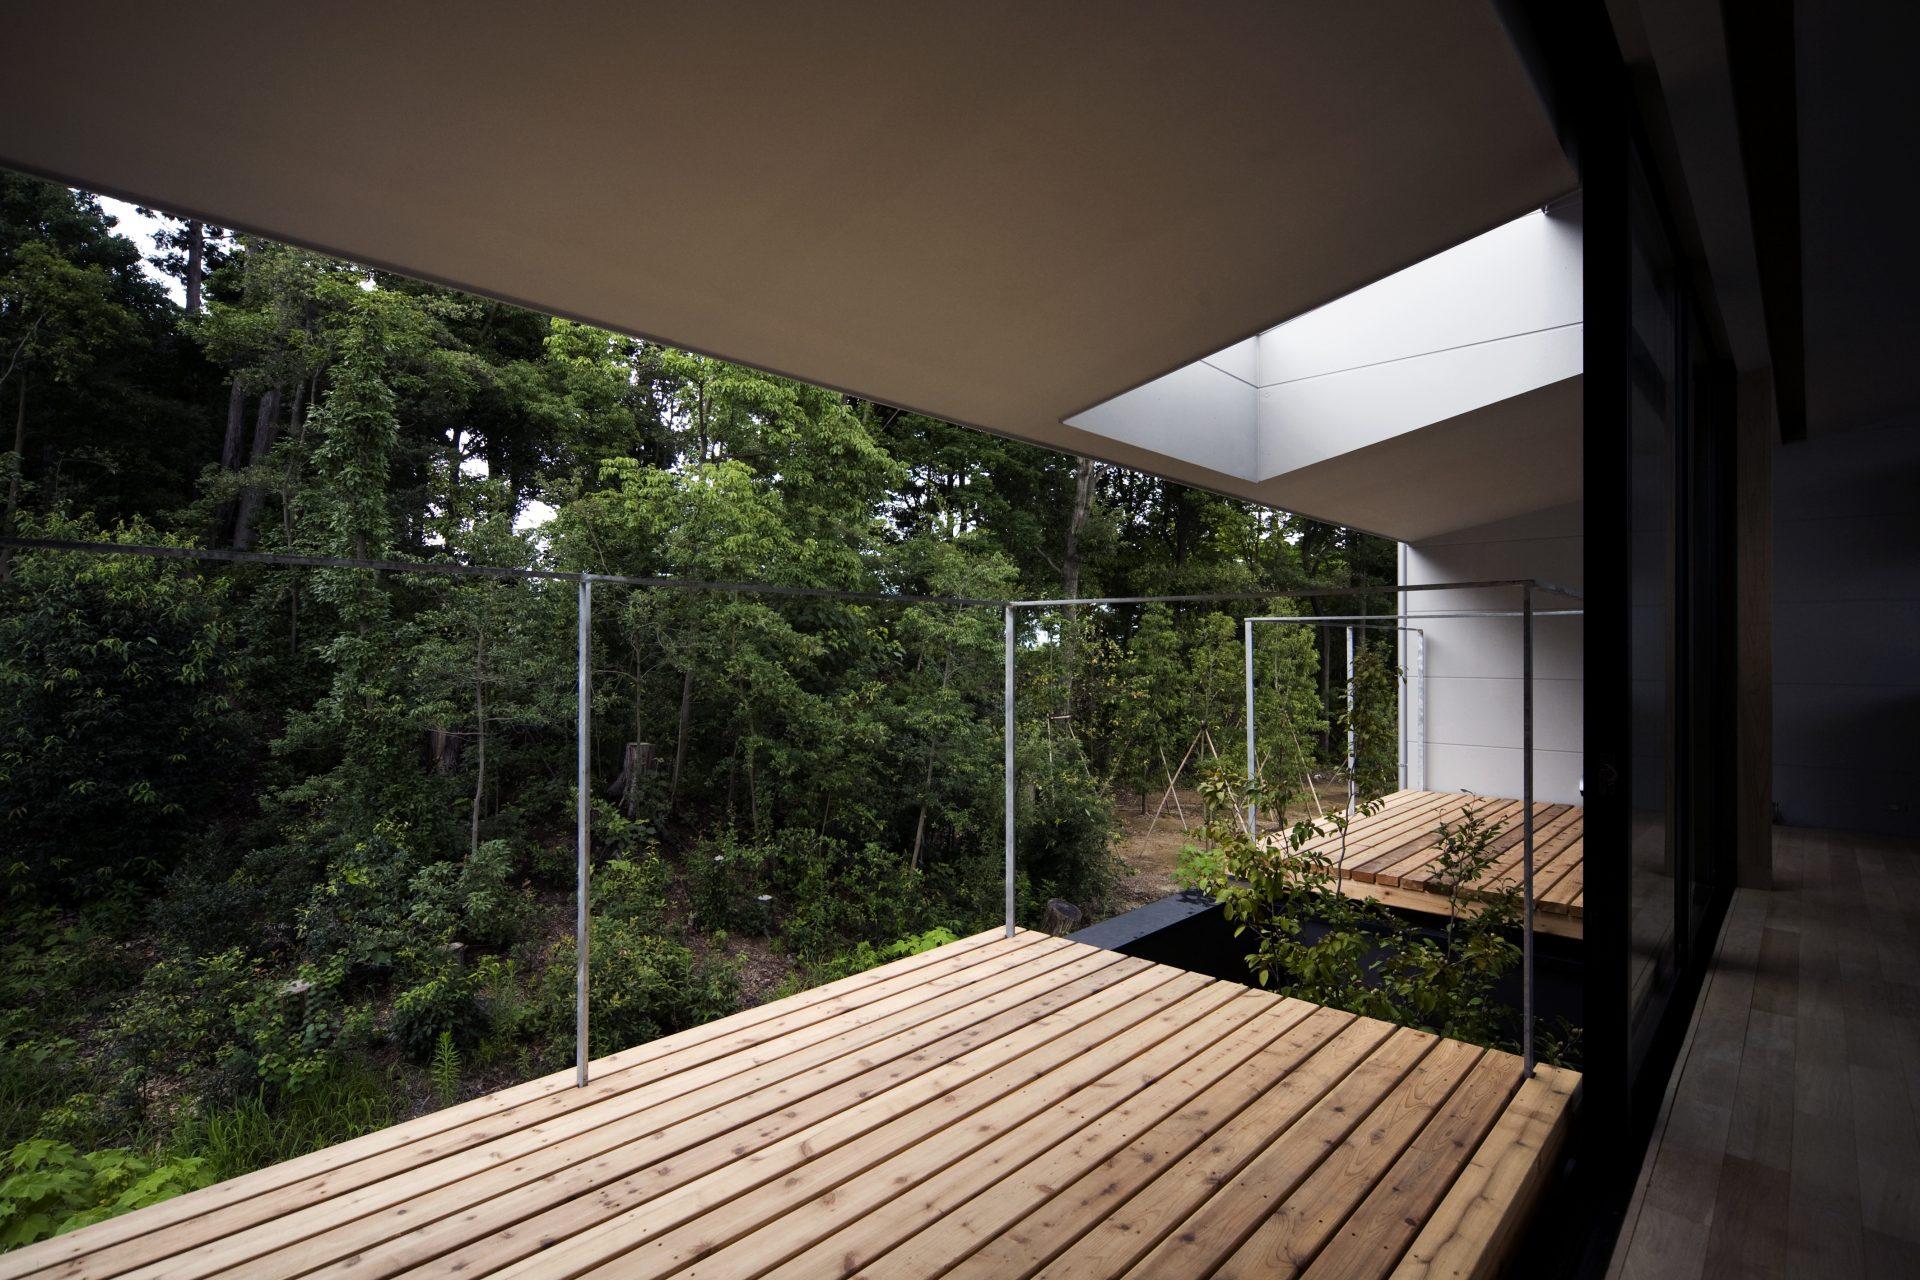 奈良登美ヶ丘の家のバルコニー01